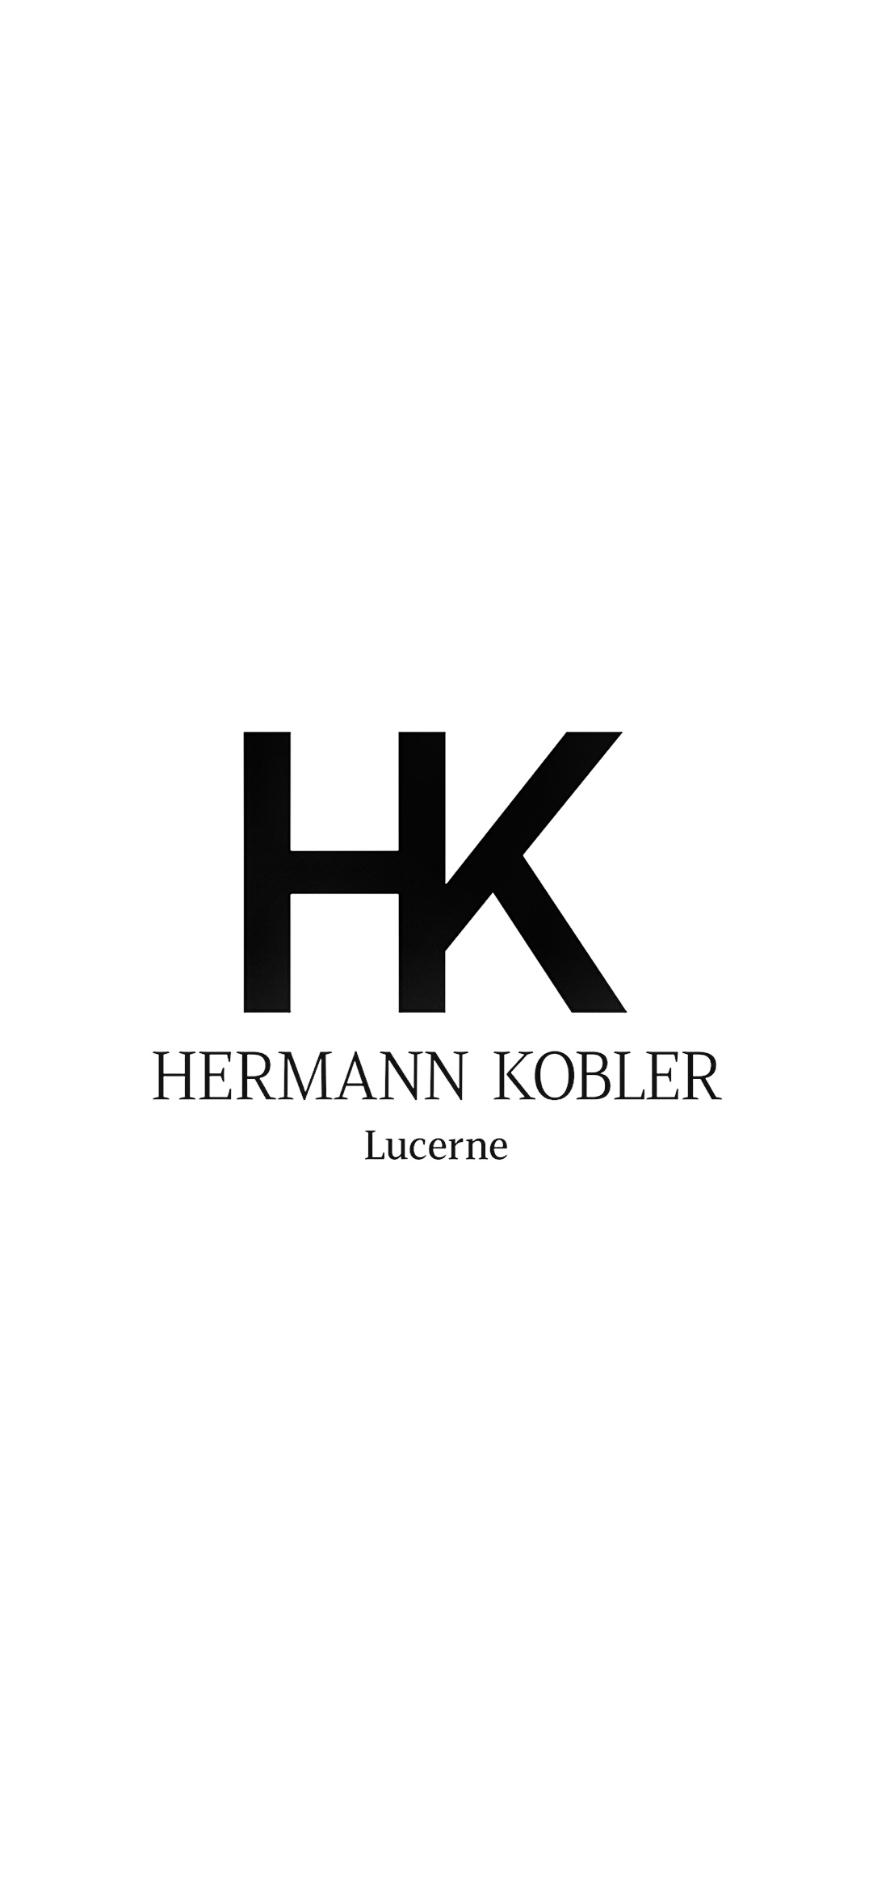 HK HERMANN KOBLER LUCERNE